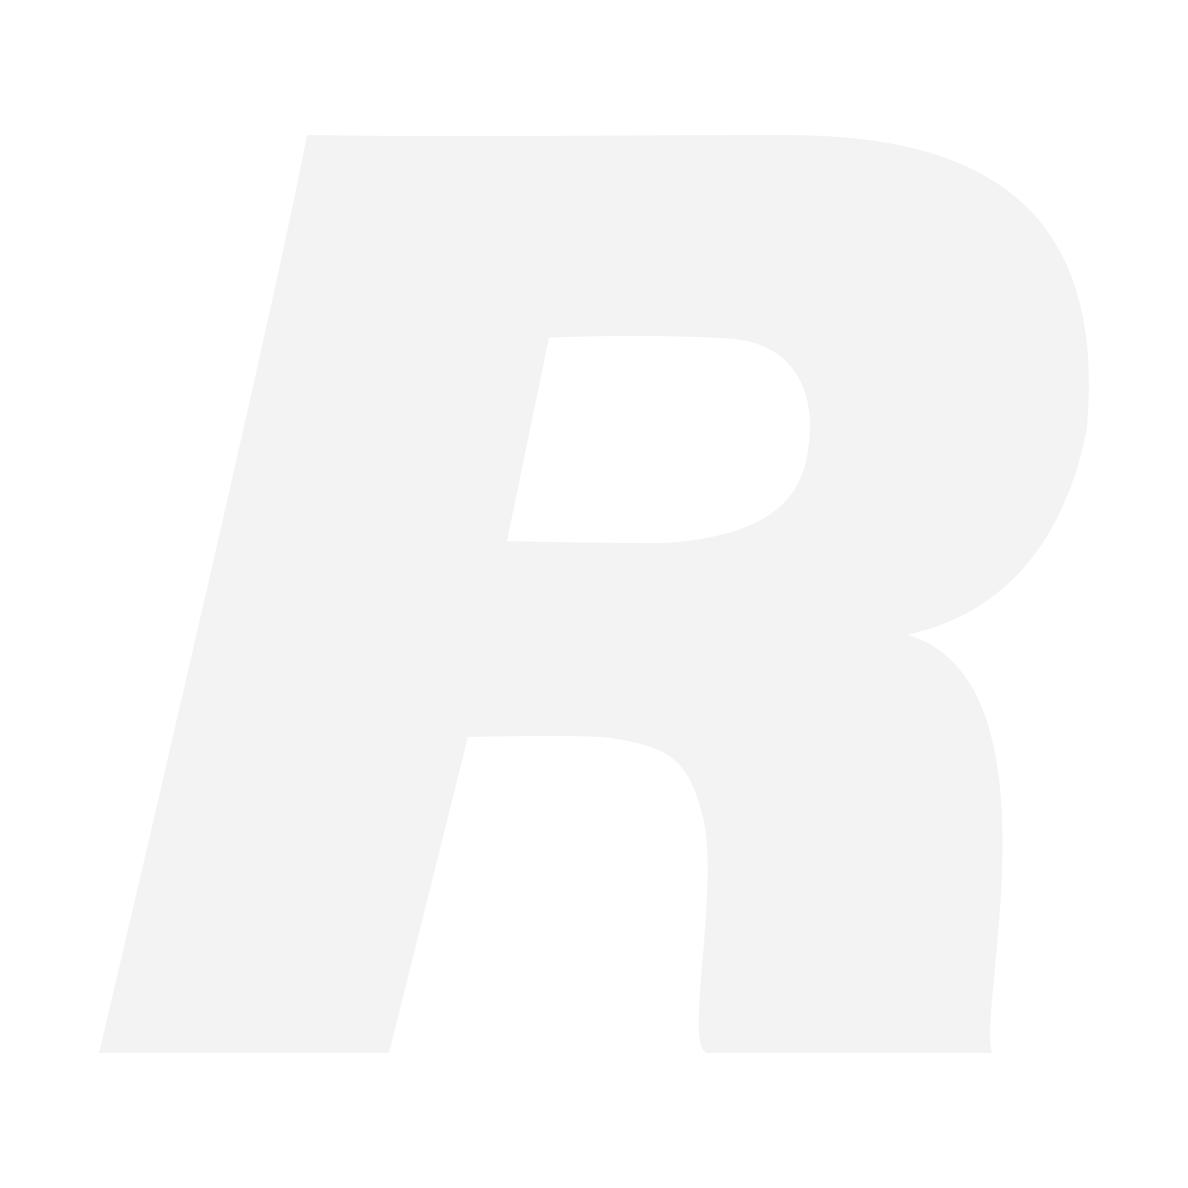 GoPro Karma -kuvauskopteri (sis. GoPro Hero 5 Black)